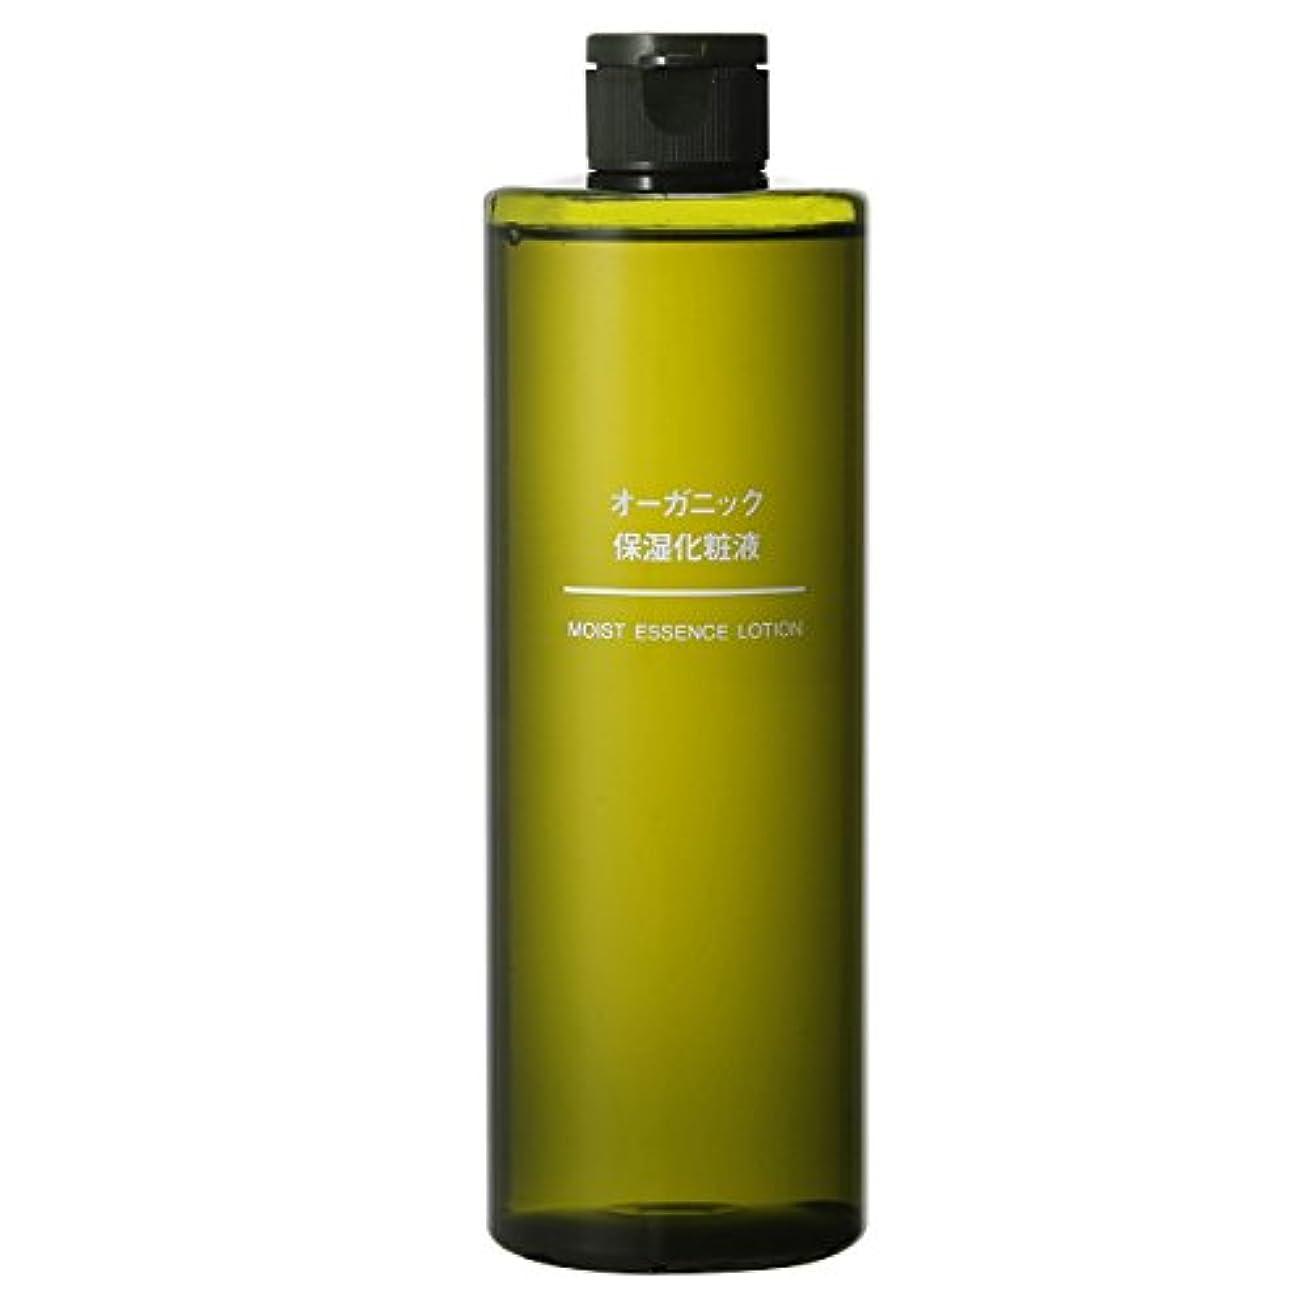 ゴール幸福ドレイン無印良品 オーガニック保湿化粧液(大容量) 400ml